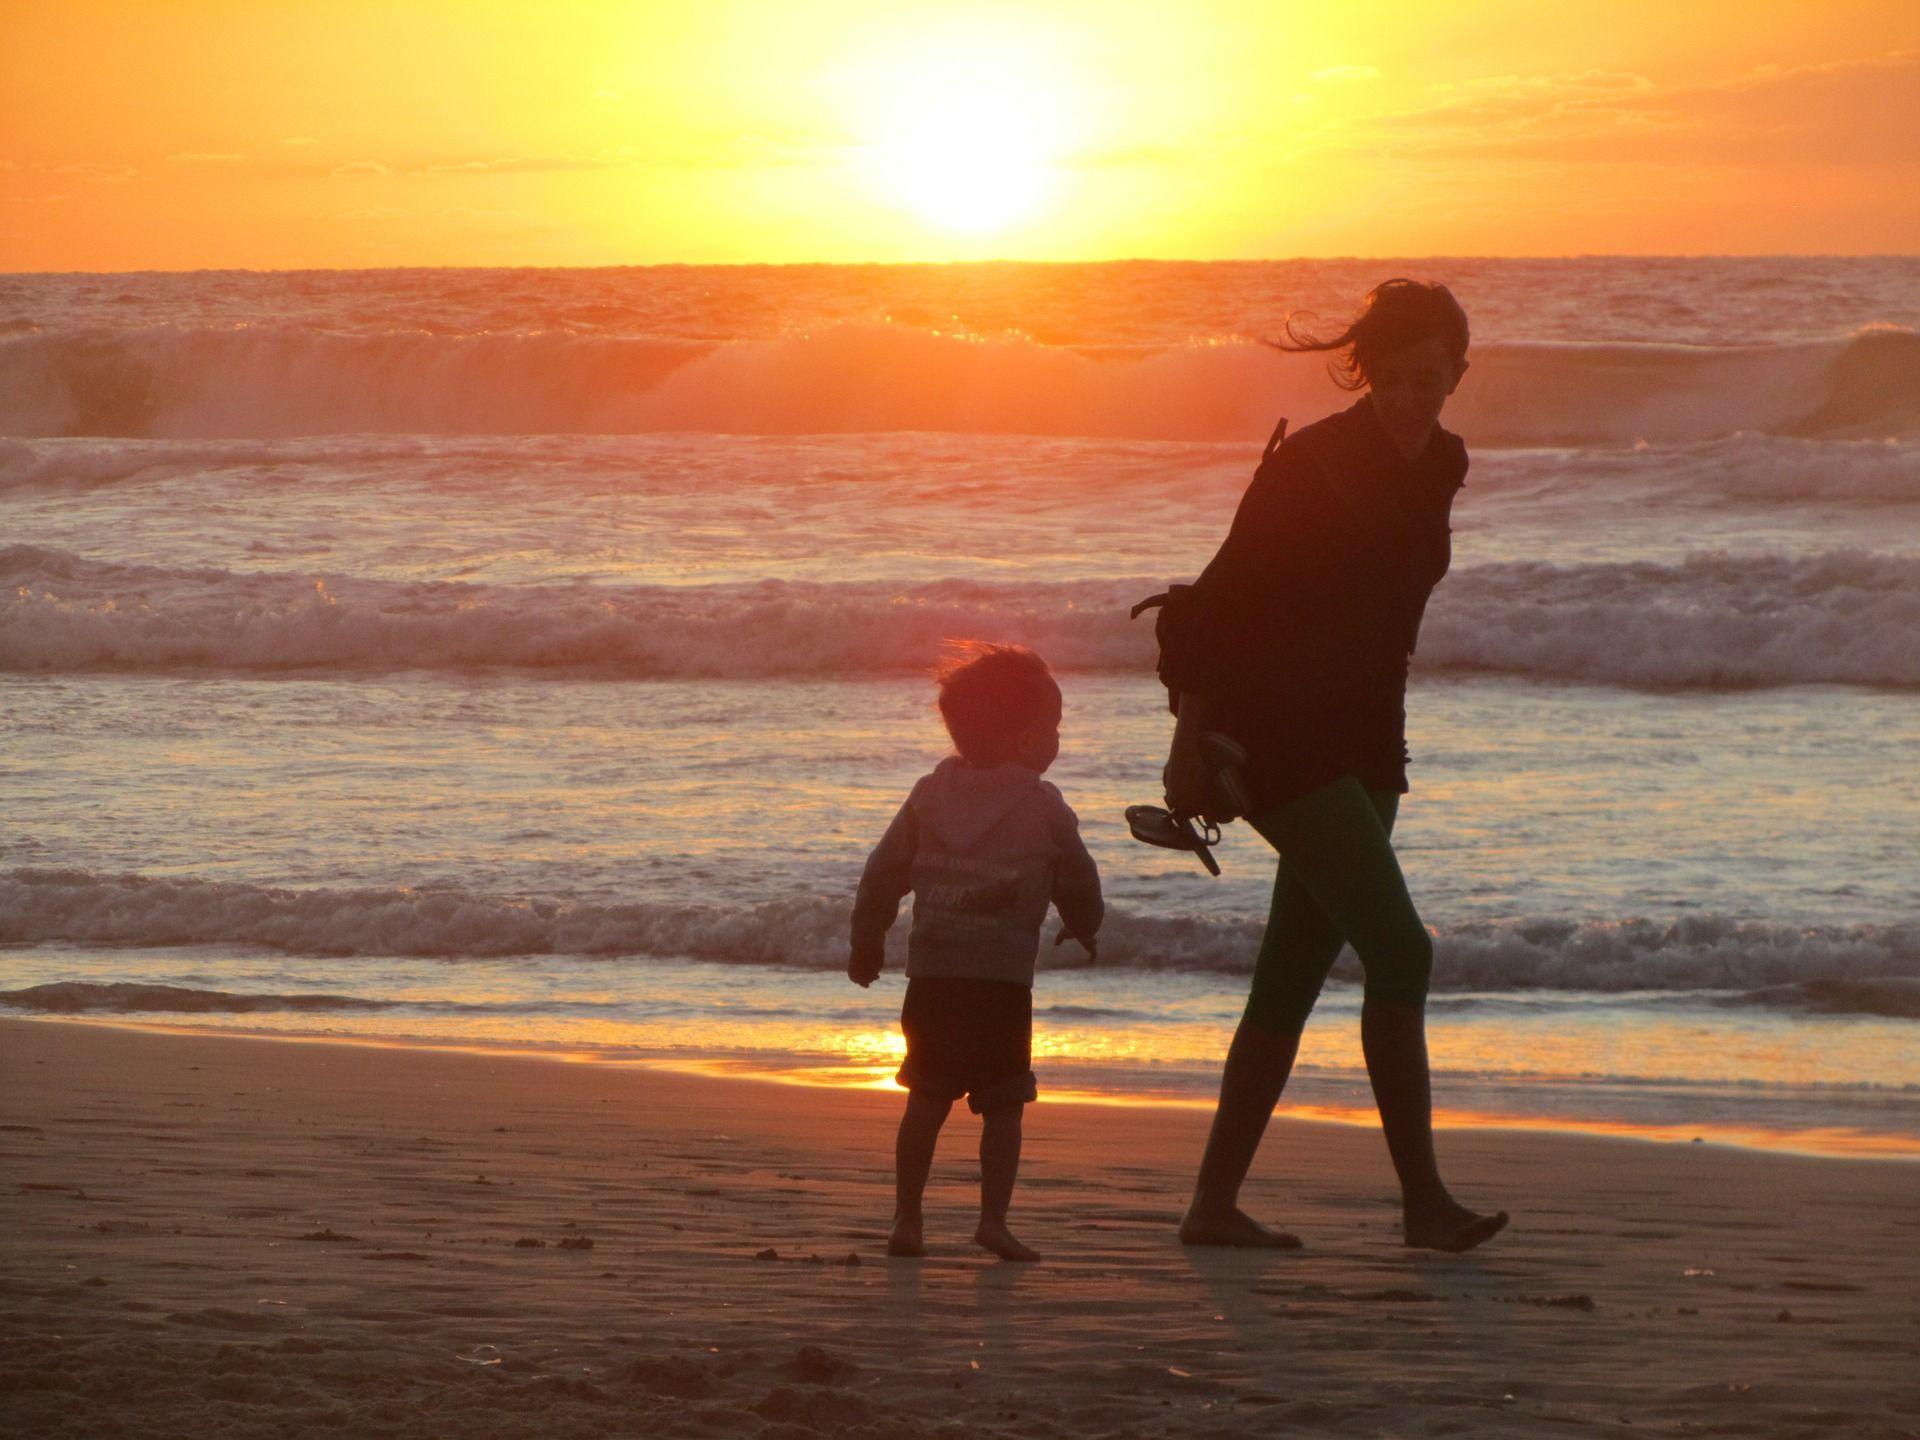 maternidad-desborda-atracon-madres-arrepentidas-malasmadres-